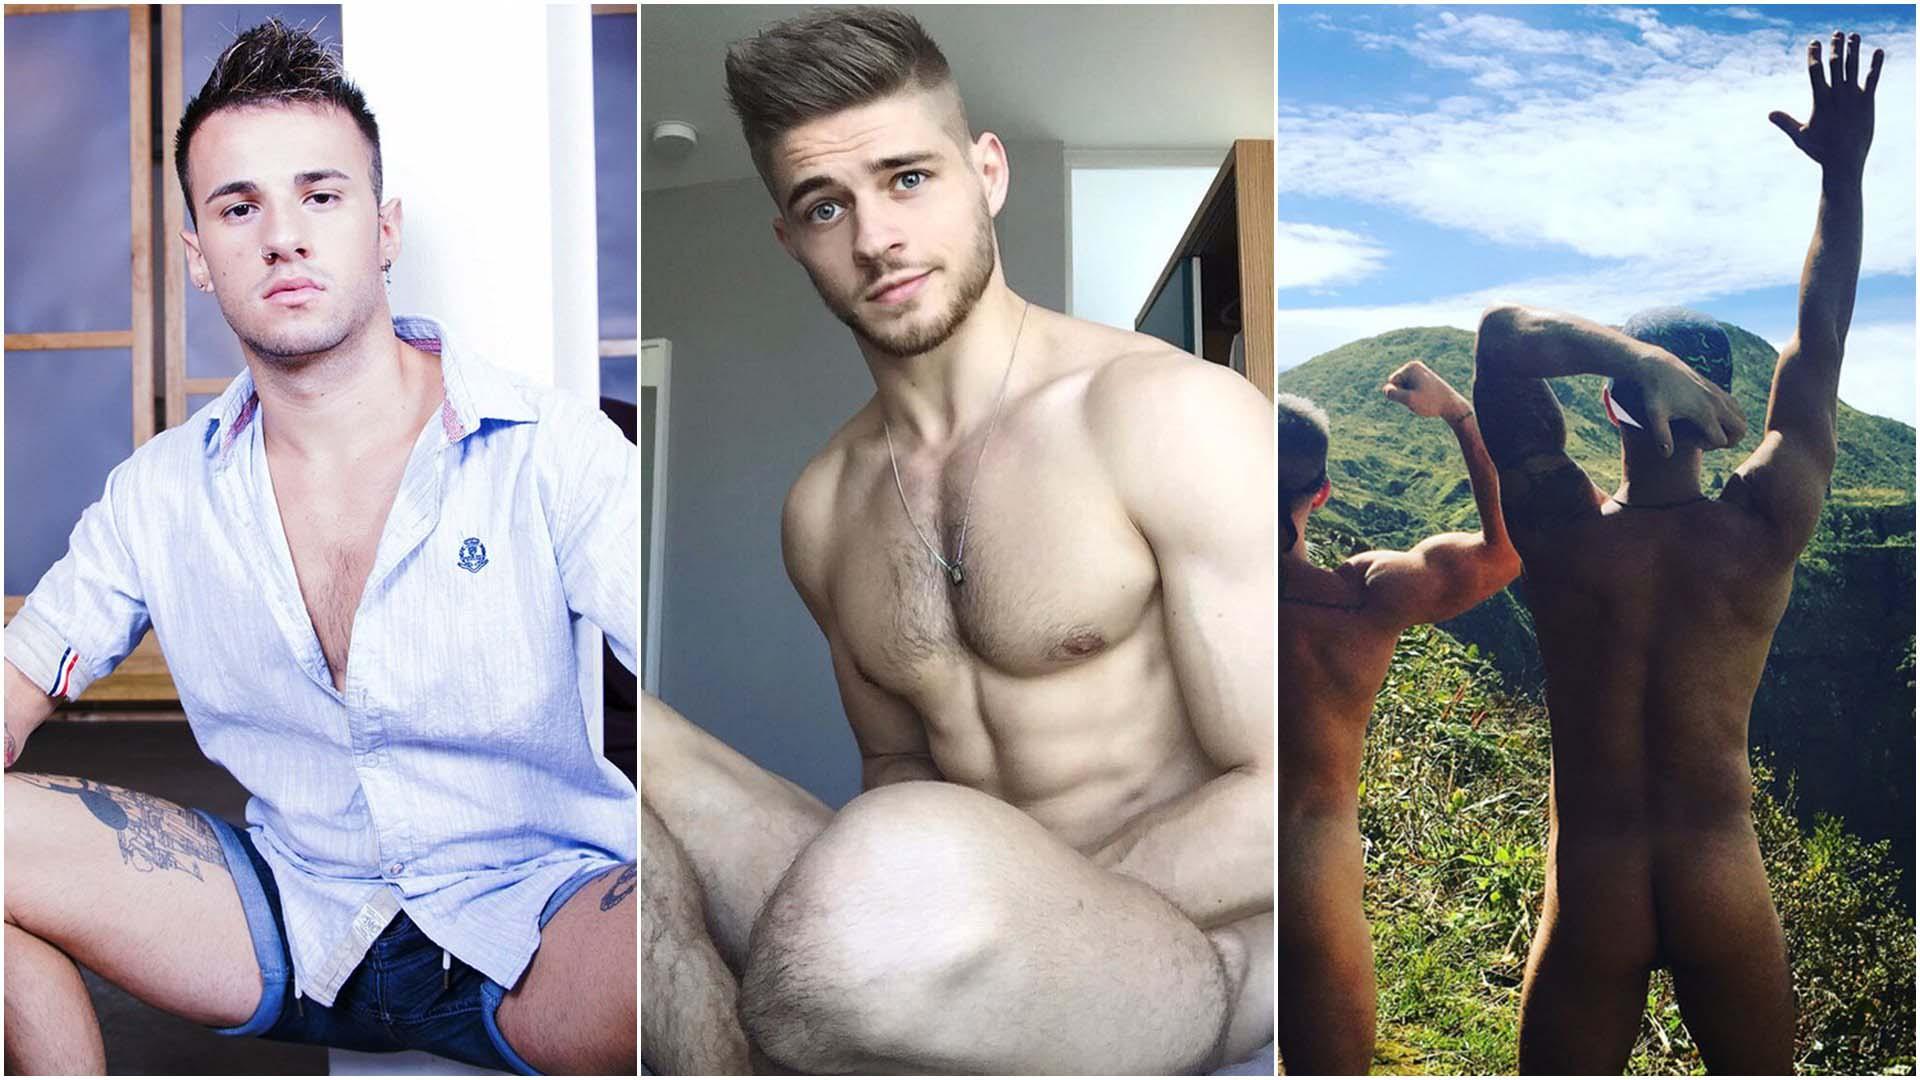 Photo of Gay Porn NOW | Carnavales con Viktor Rom y David Avila, el pollón y los huevos de Alejandro Castillo, el tragón de Madrid, desayuno en la cama y más